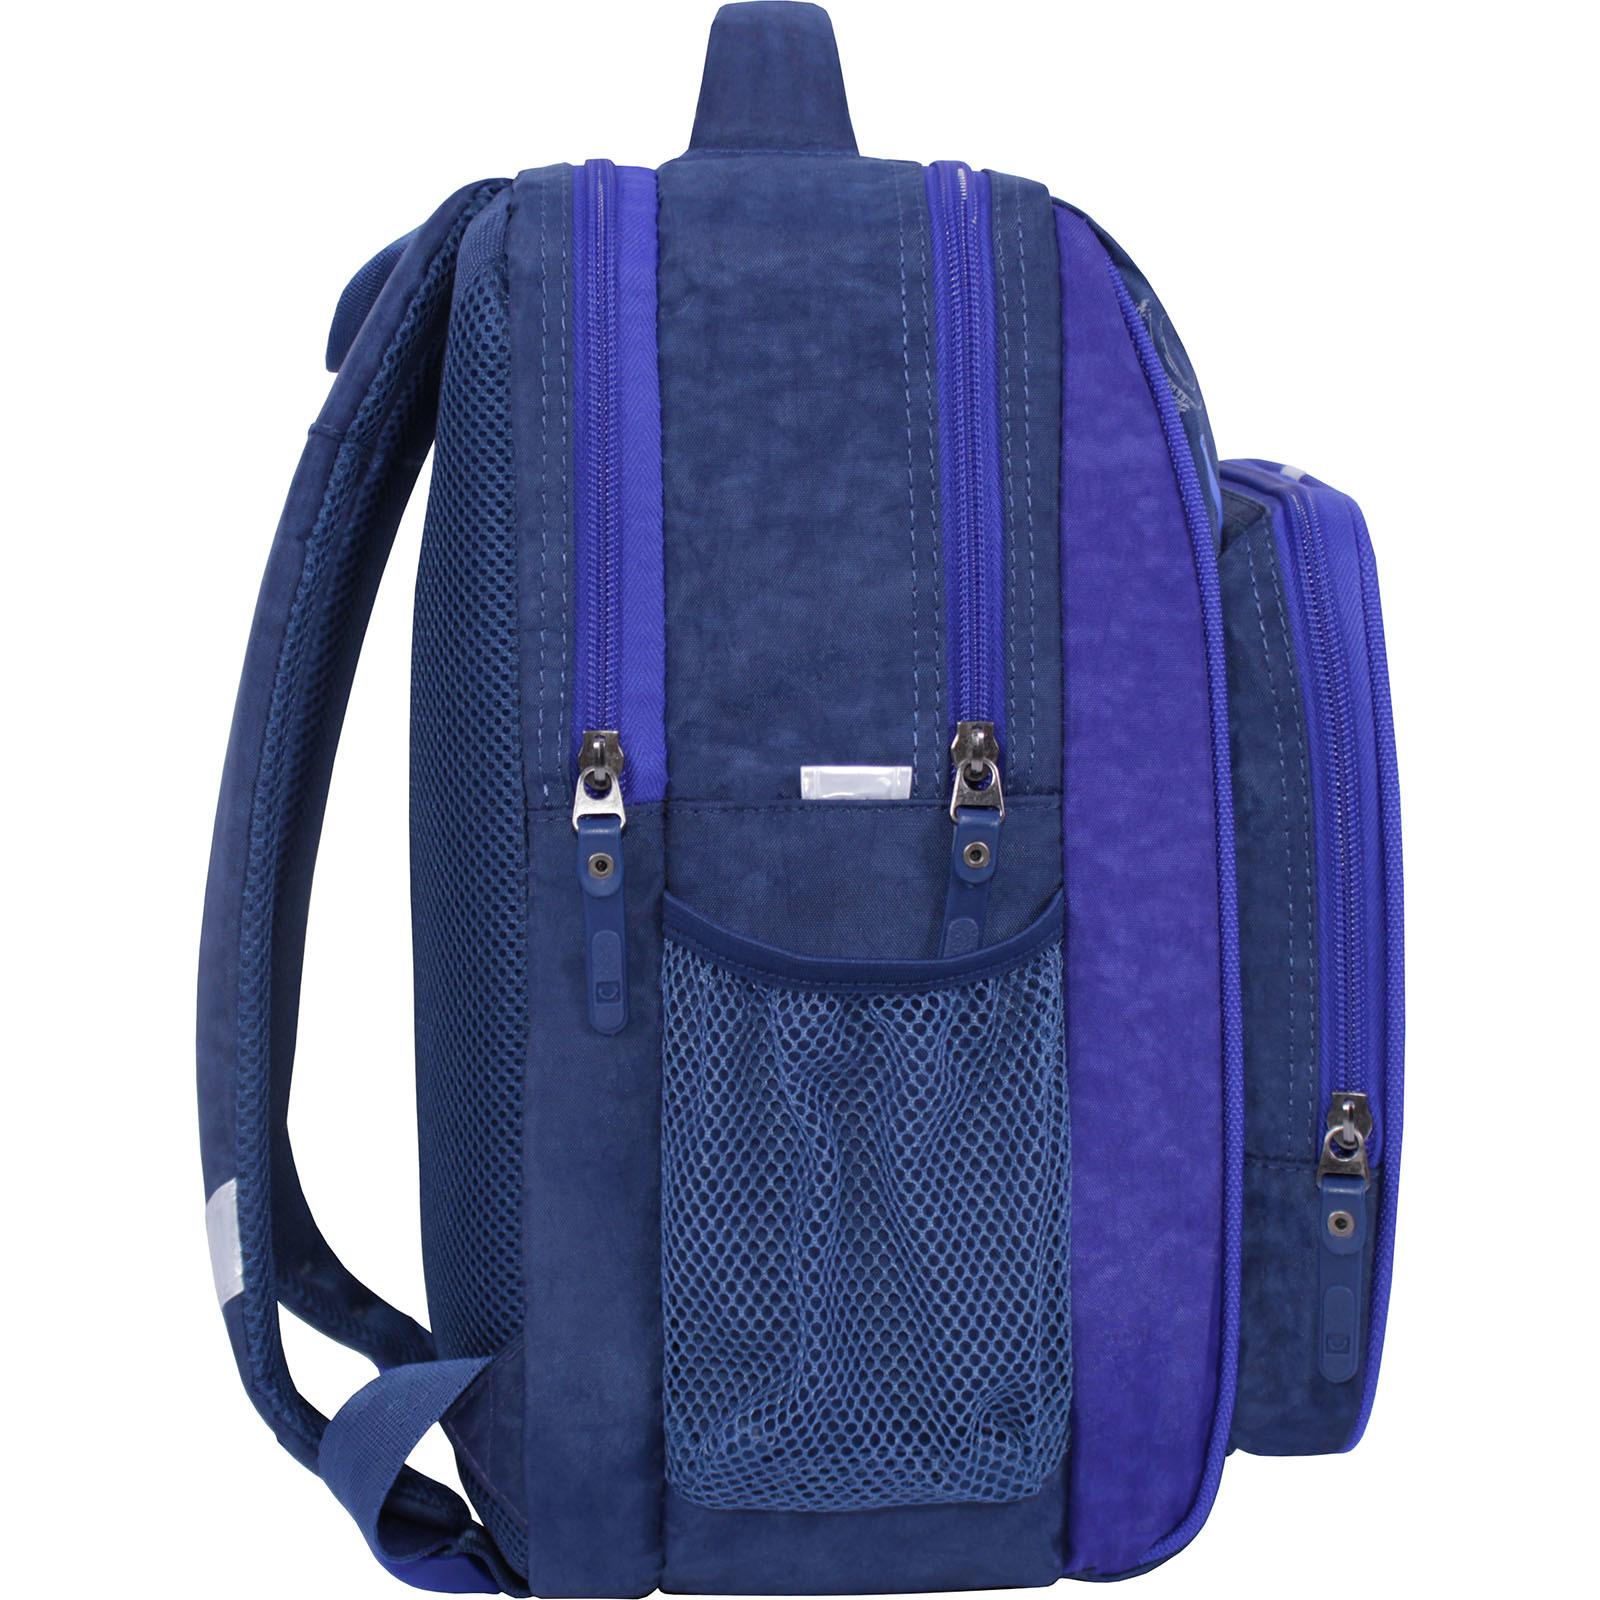 Рюкзак школьный Bagland Школьник 8 л. синий 551 (0012870) фото 2